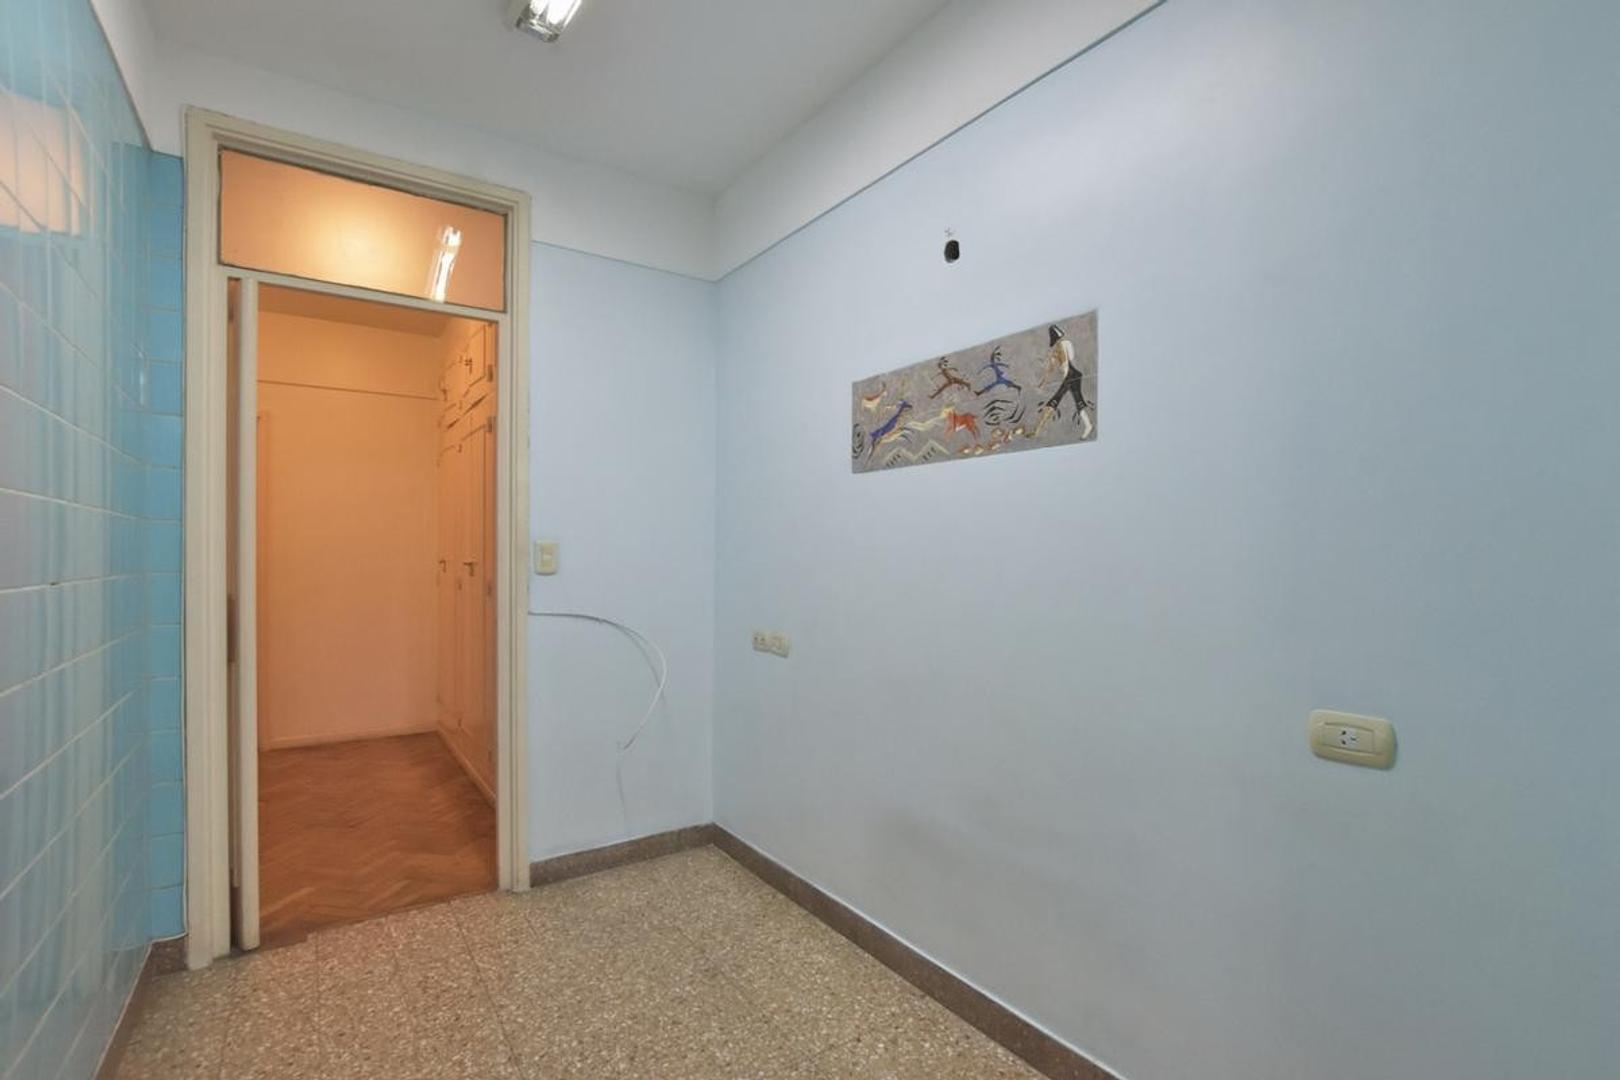 Departamento - Palermo - 4 Ambientes. c/dependencia y cochera - Foto 28